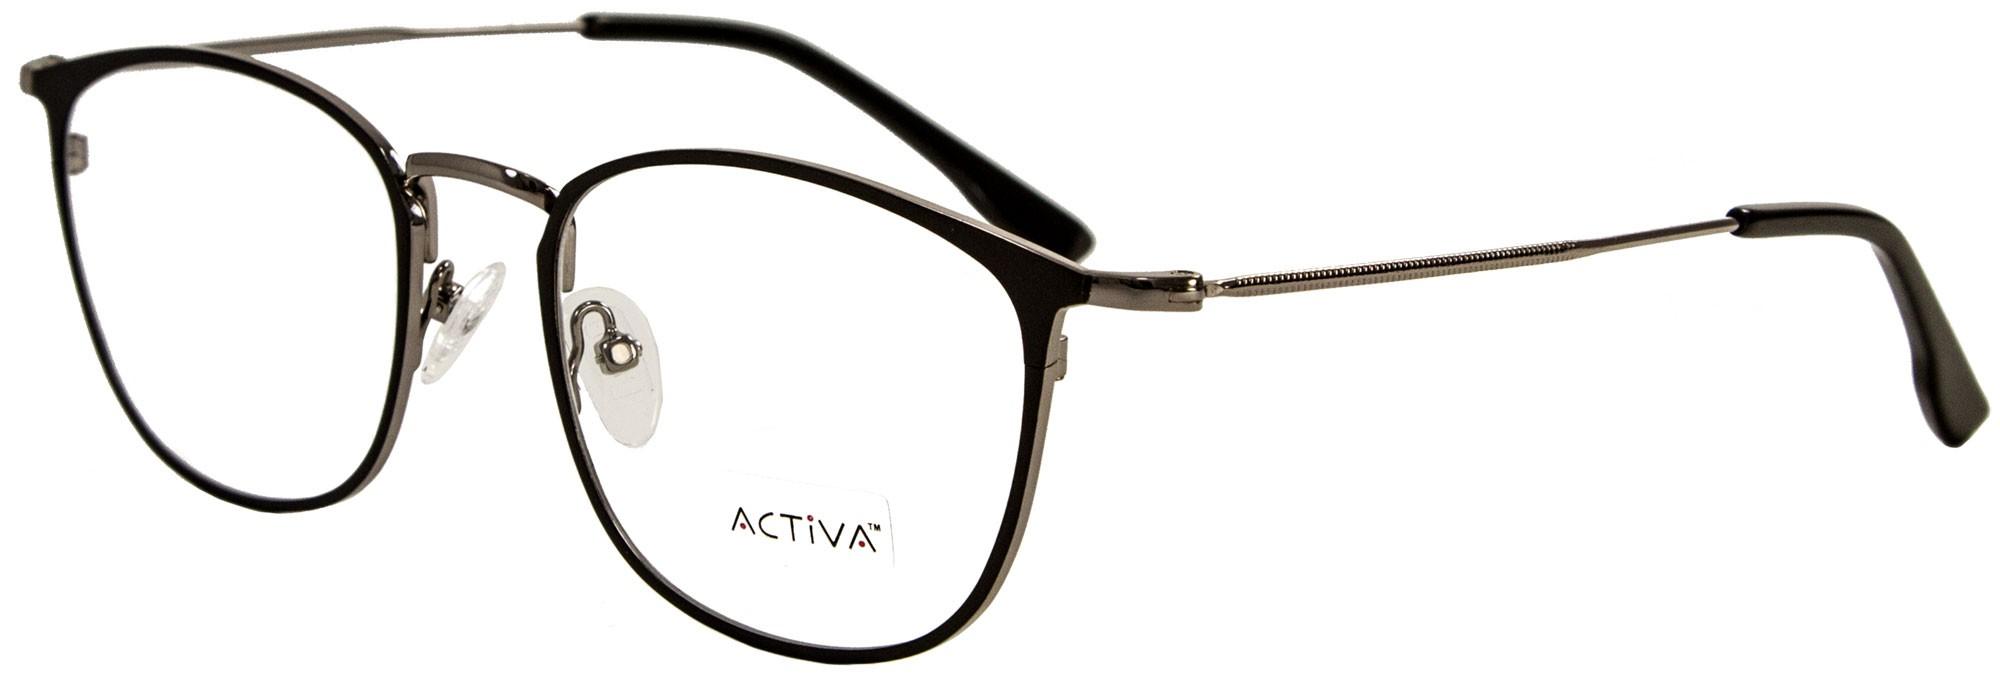 Activa 9624 C1 2